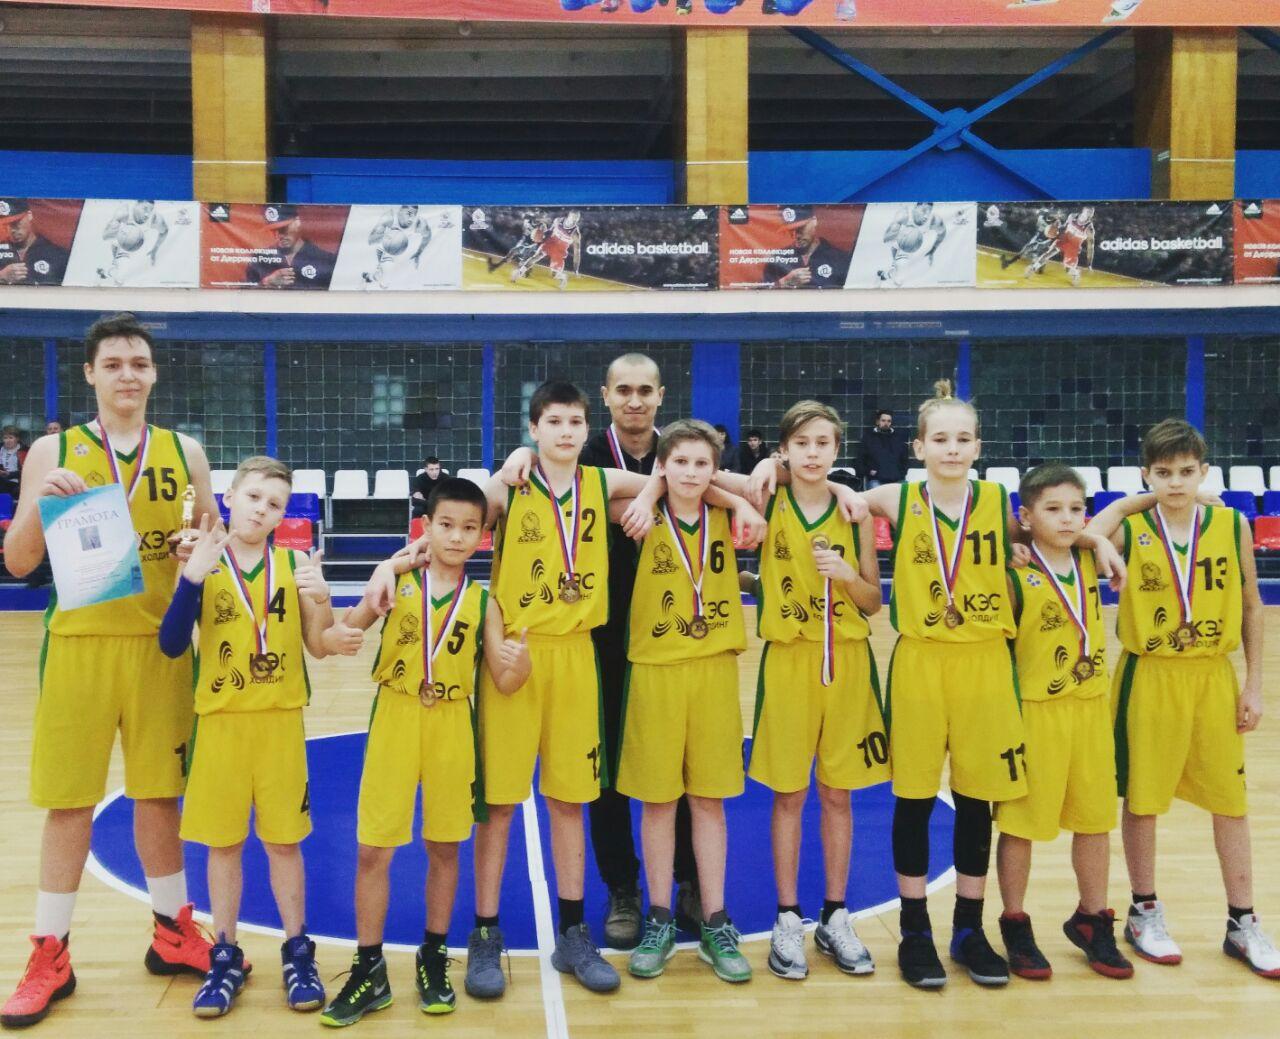 II Открытый городской турнир на Кубок ЗТР В.В. Репиты среди команд юношей 2005 г.р.